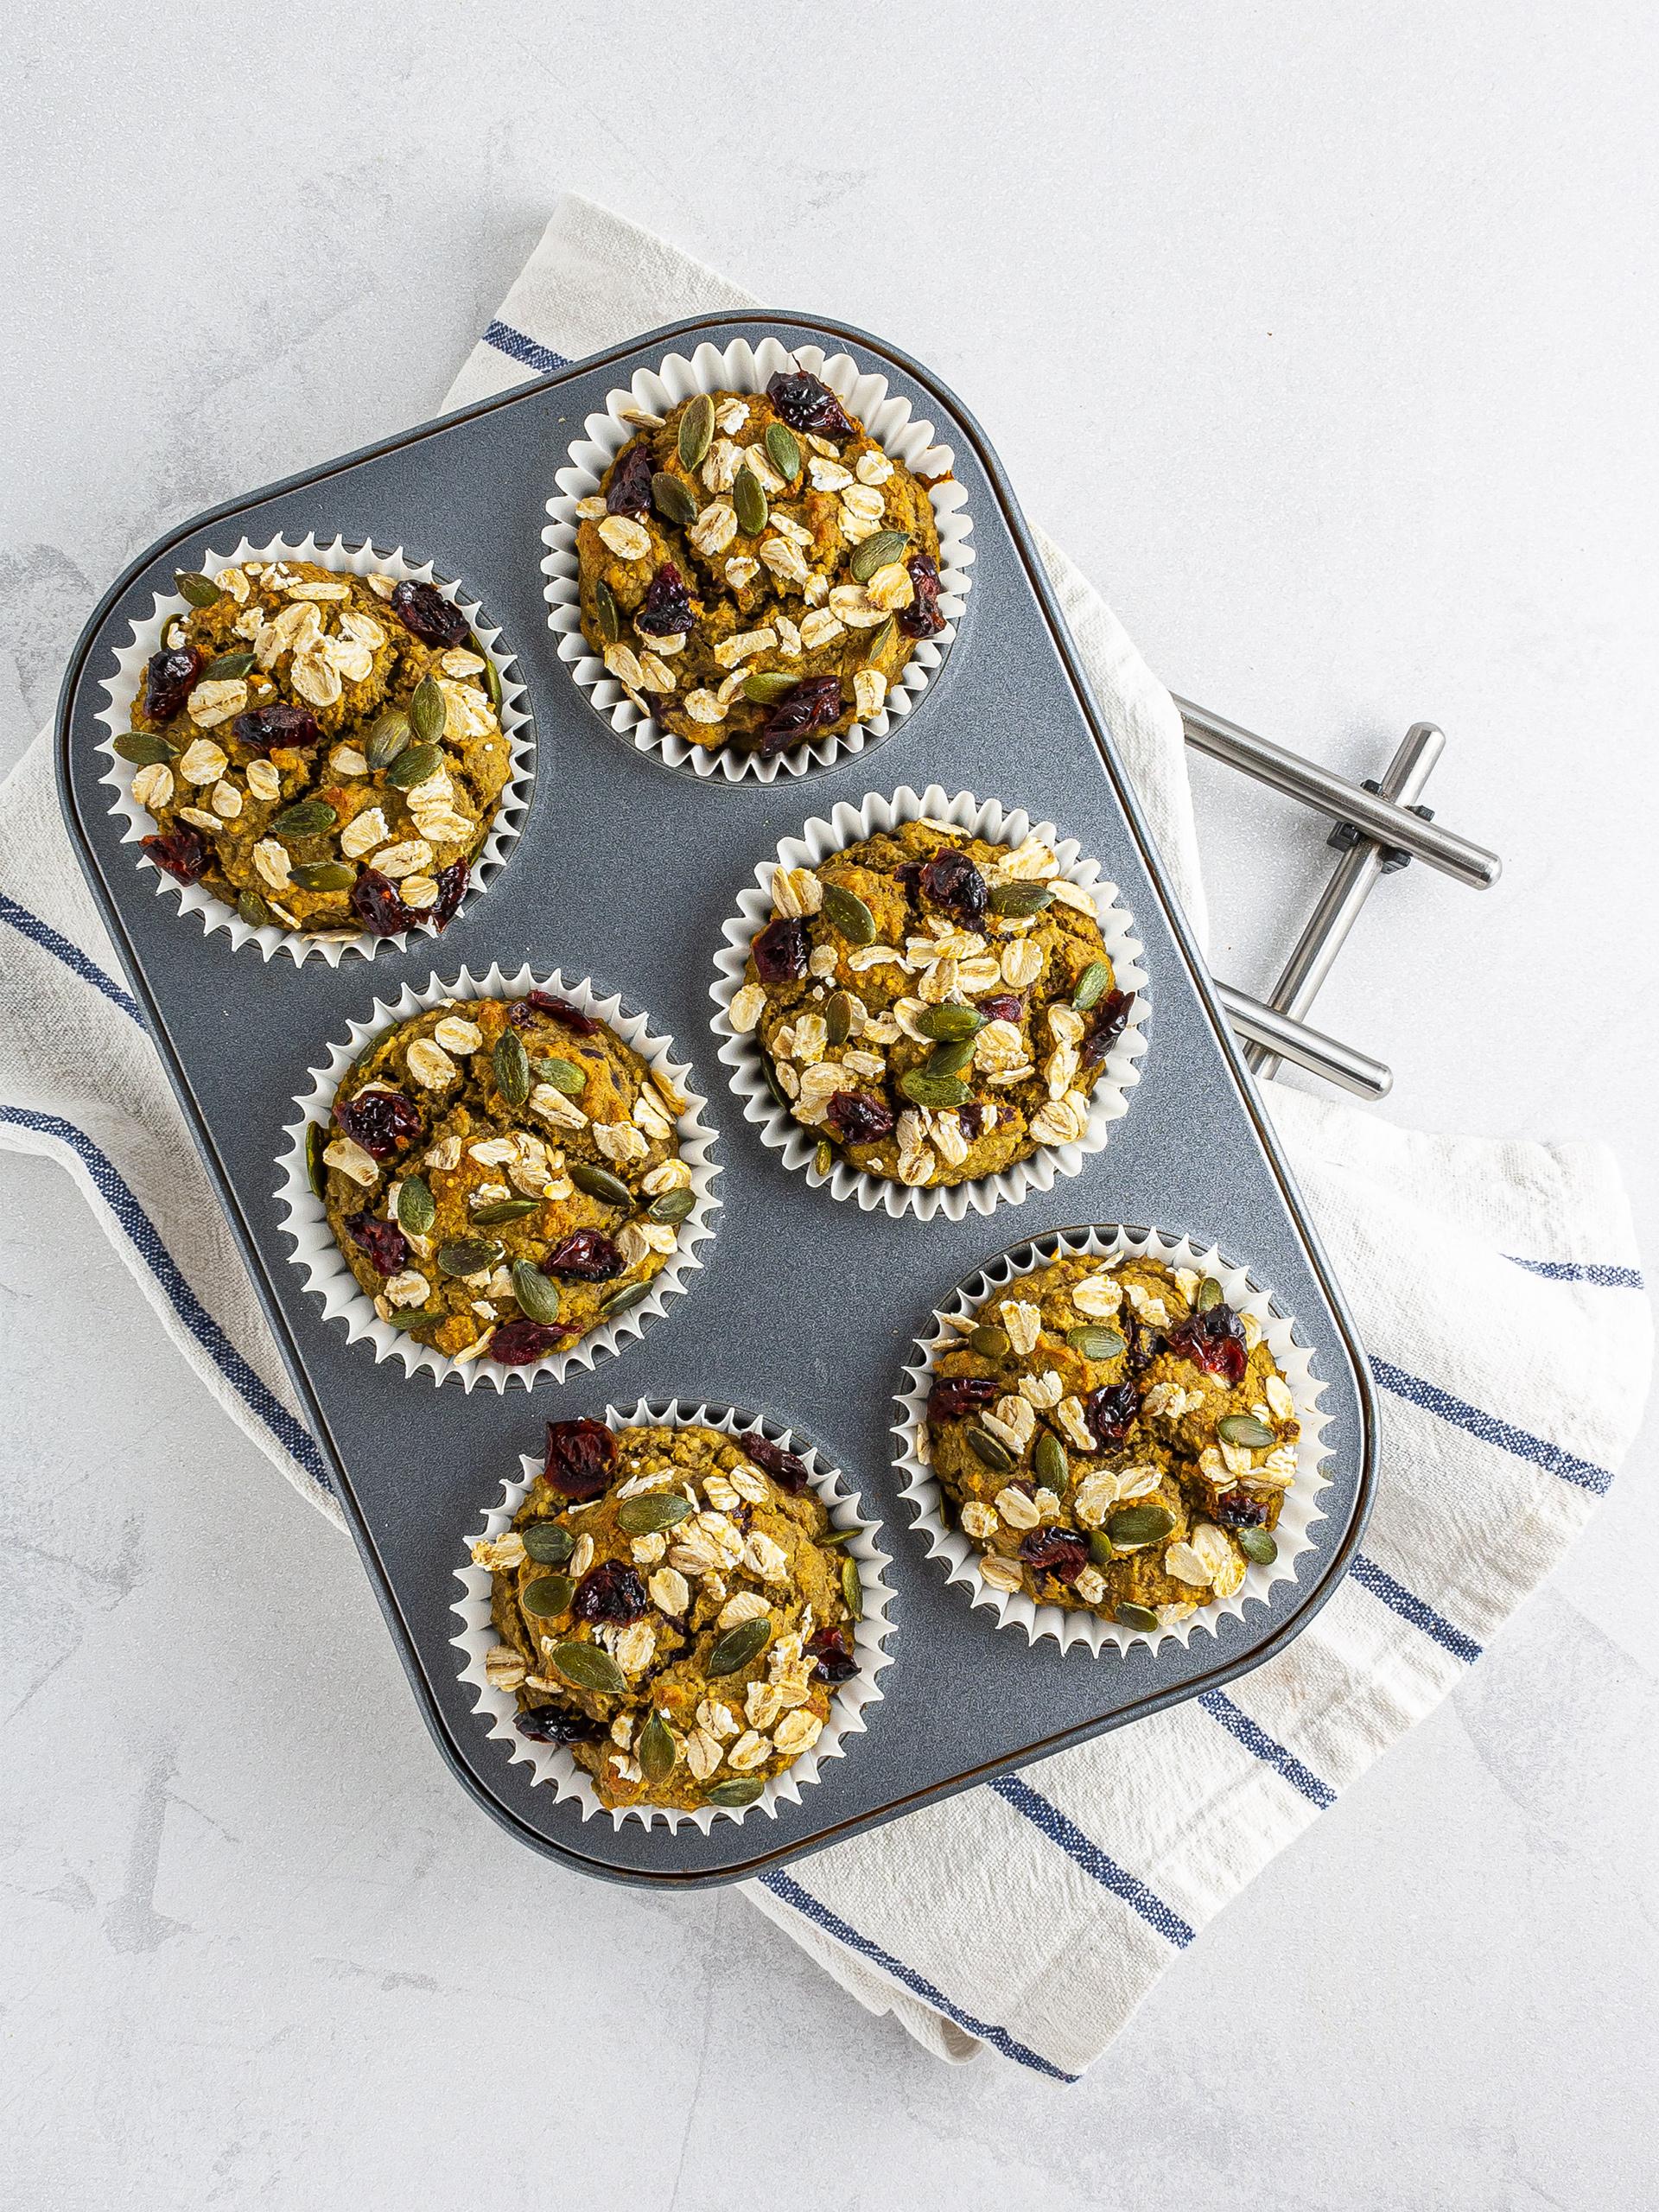 Baked banana avocado muffins